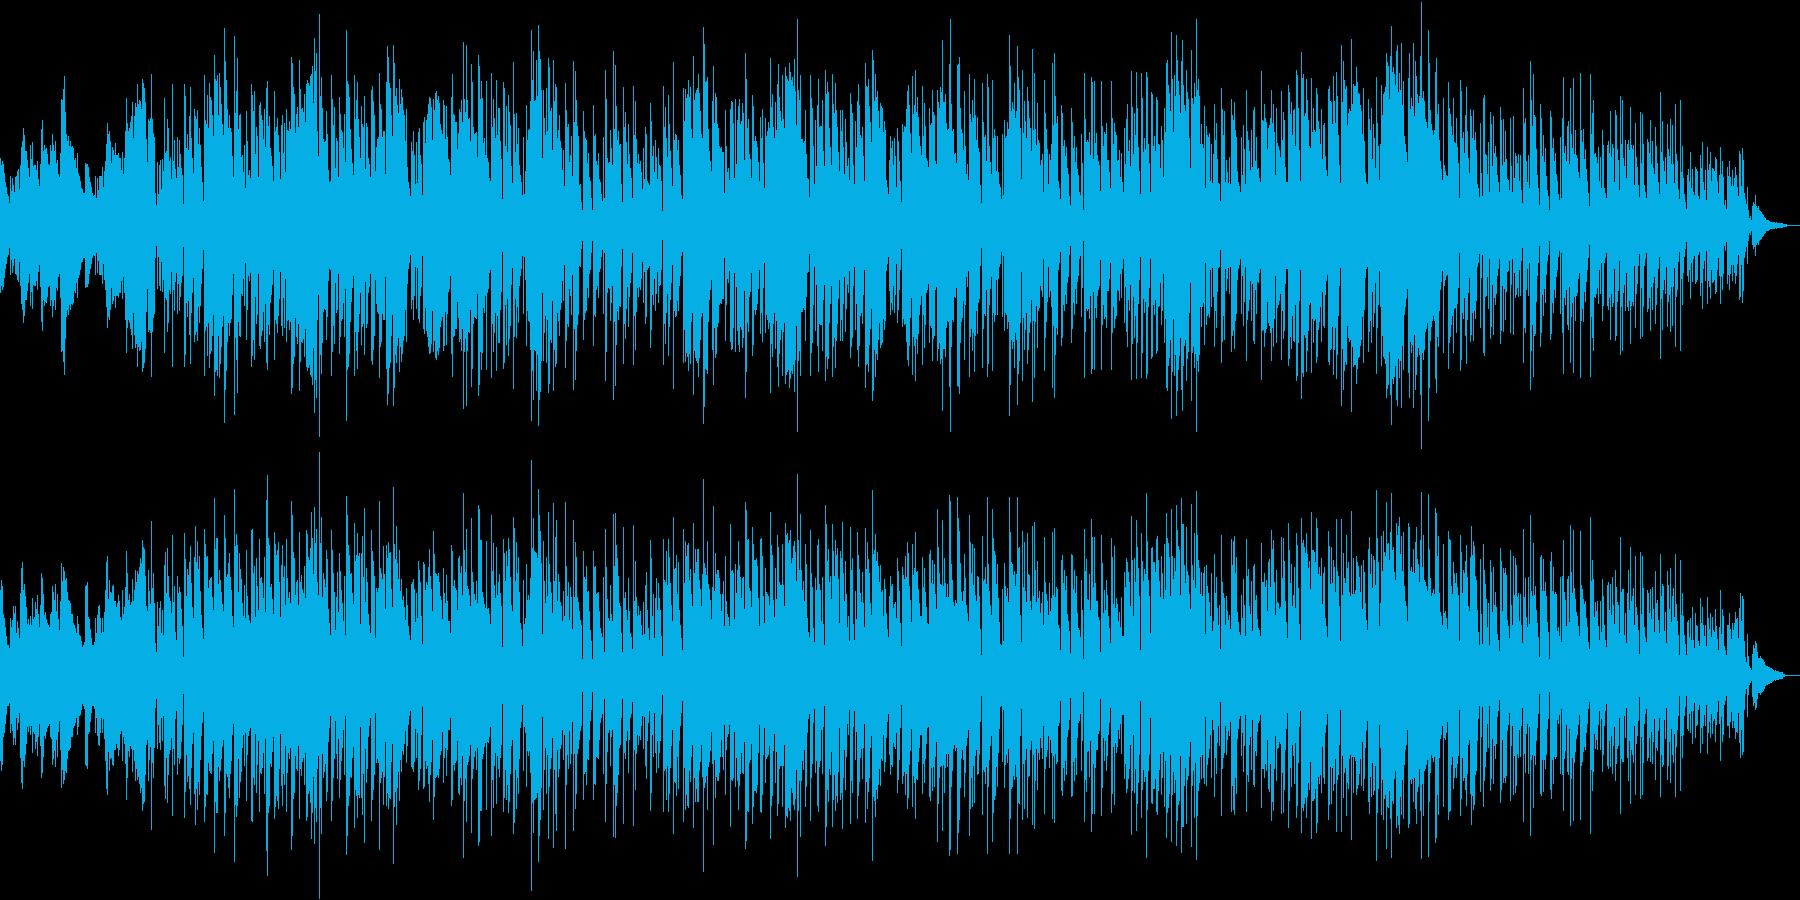 ギターでボサノバ 真夏の太平洋の再生済みの波形